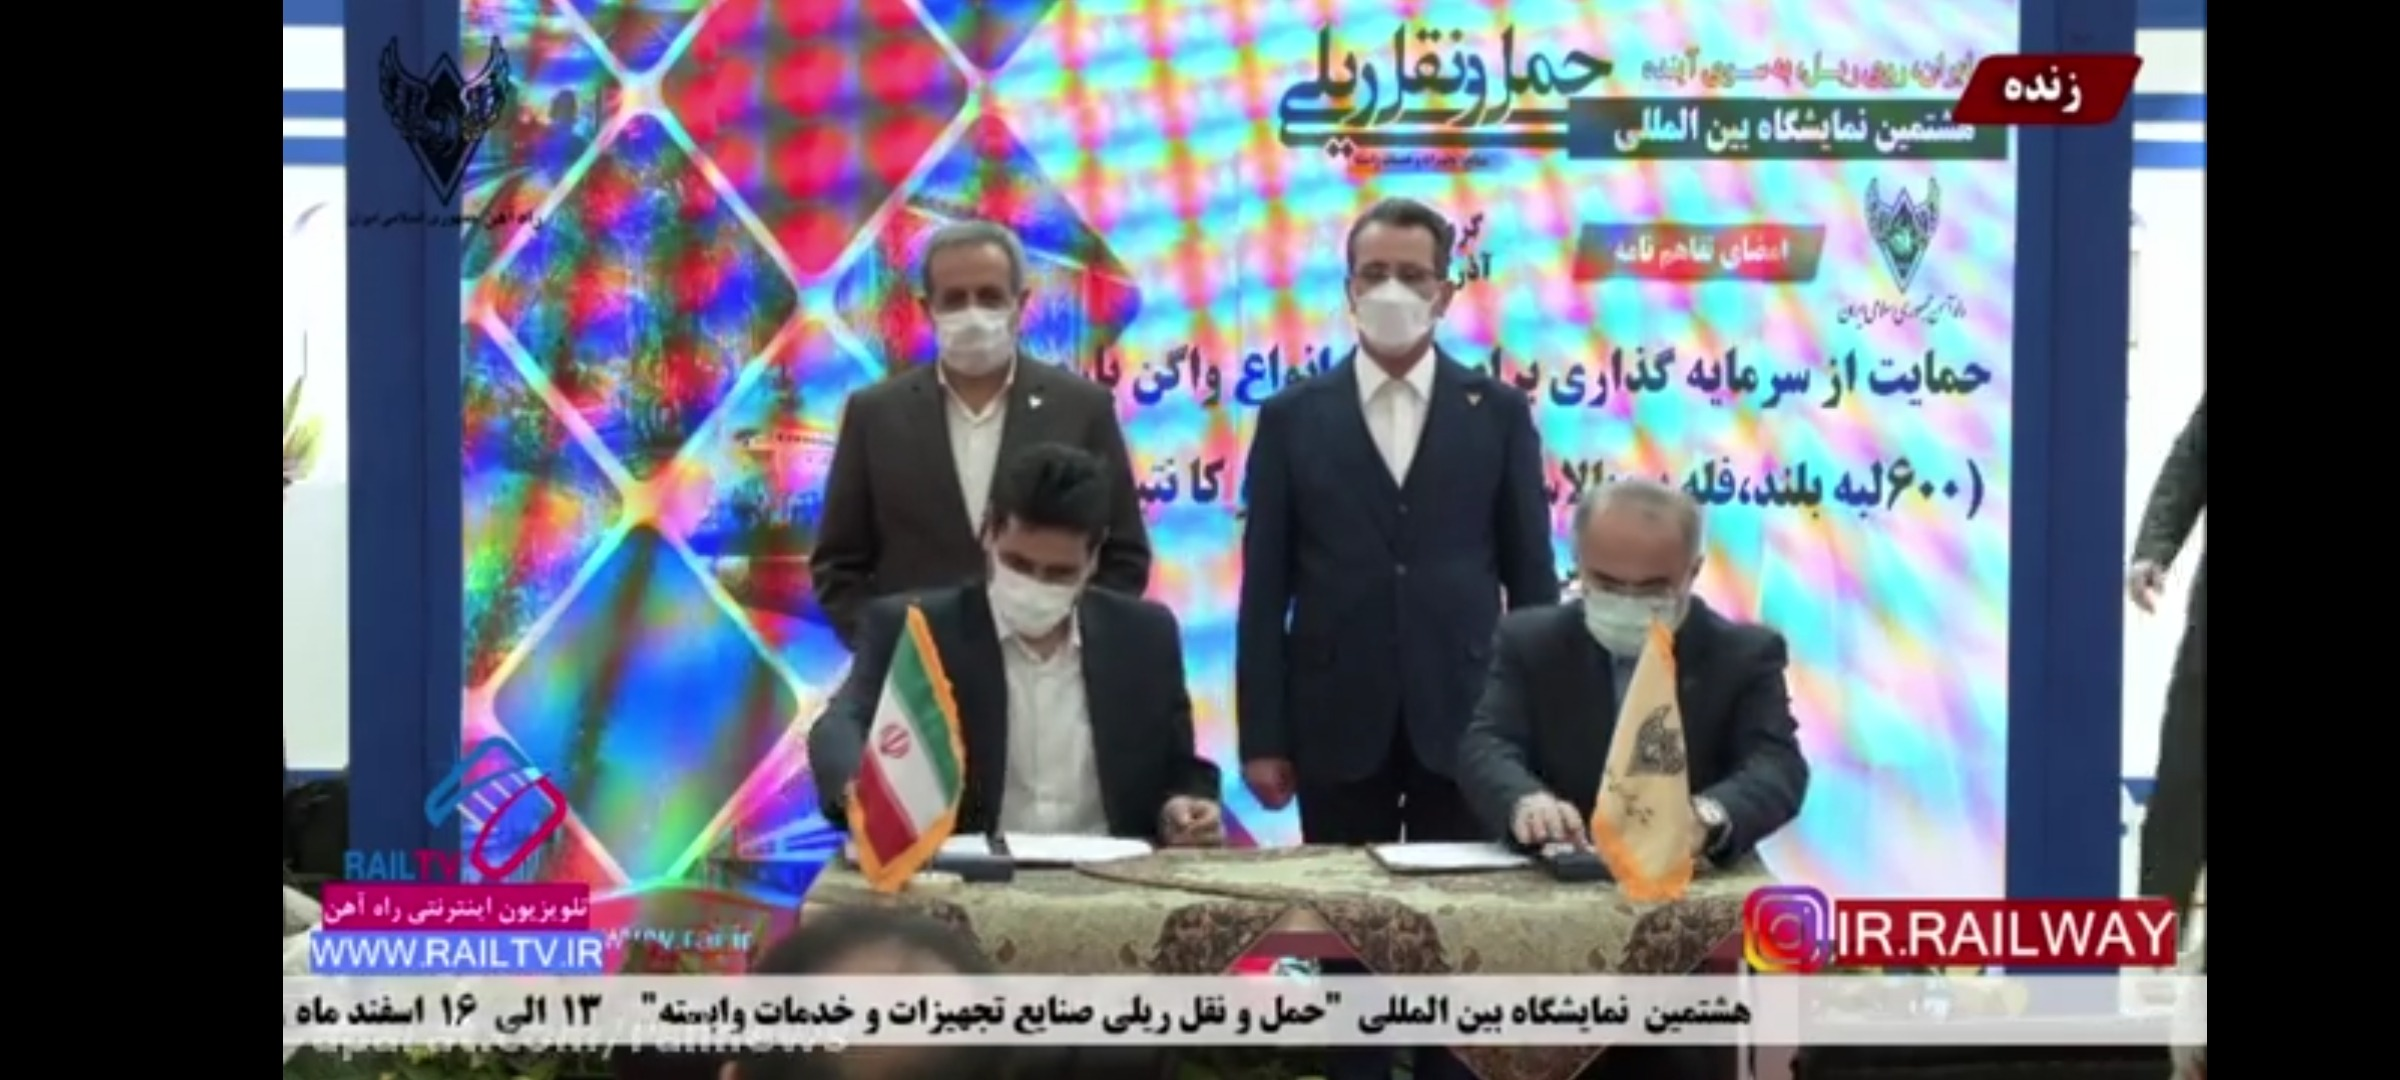 امضای قرارداد با شرکت ترکیب حمل ونقل در نمایشگاه حمل ونقل ریلی ۱۳ اسفند